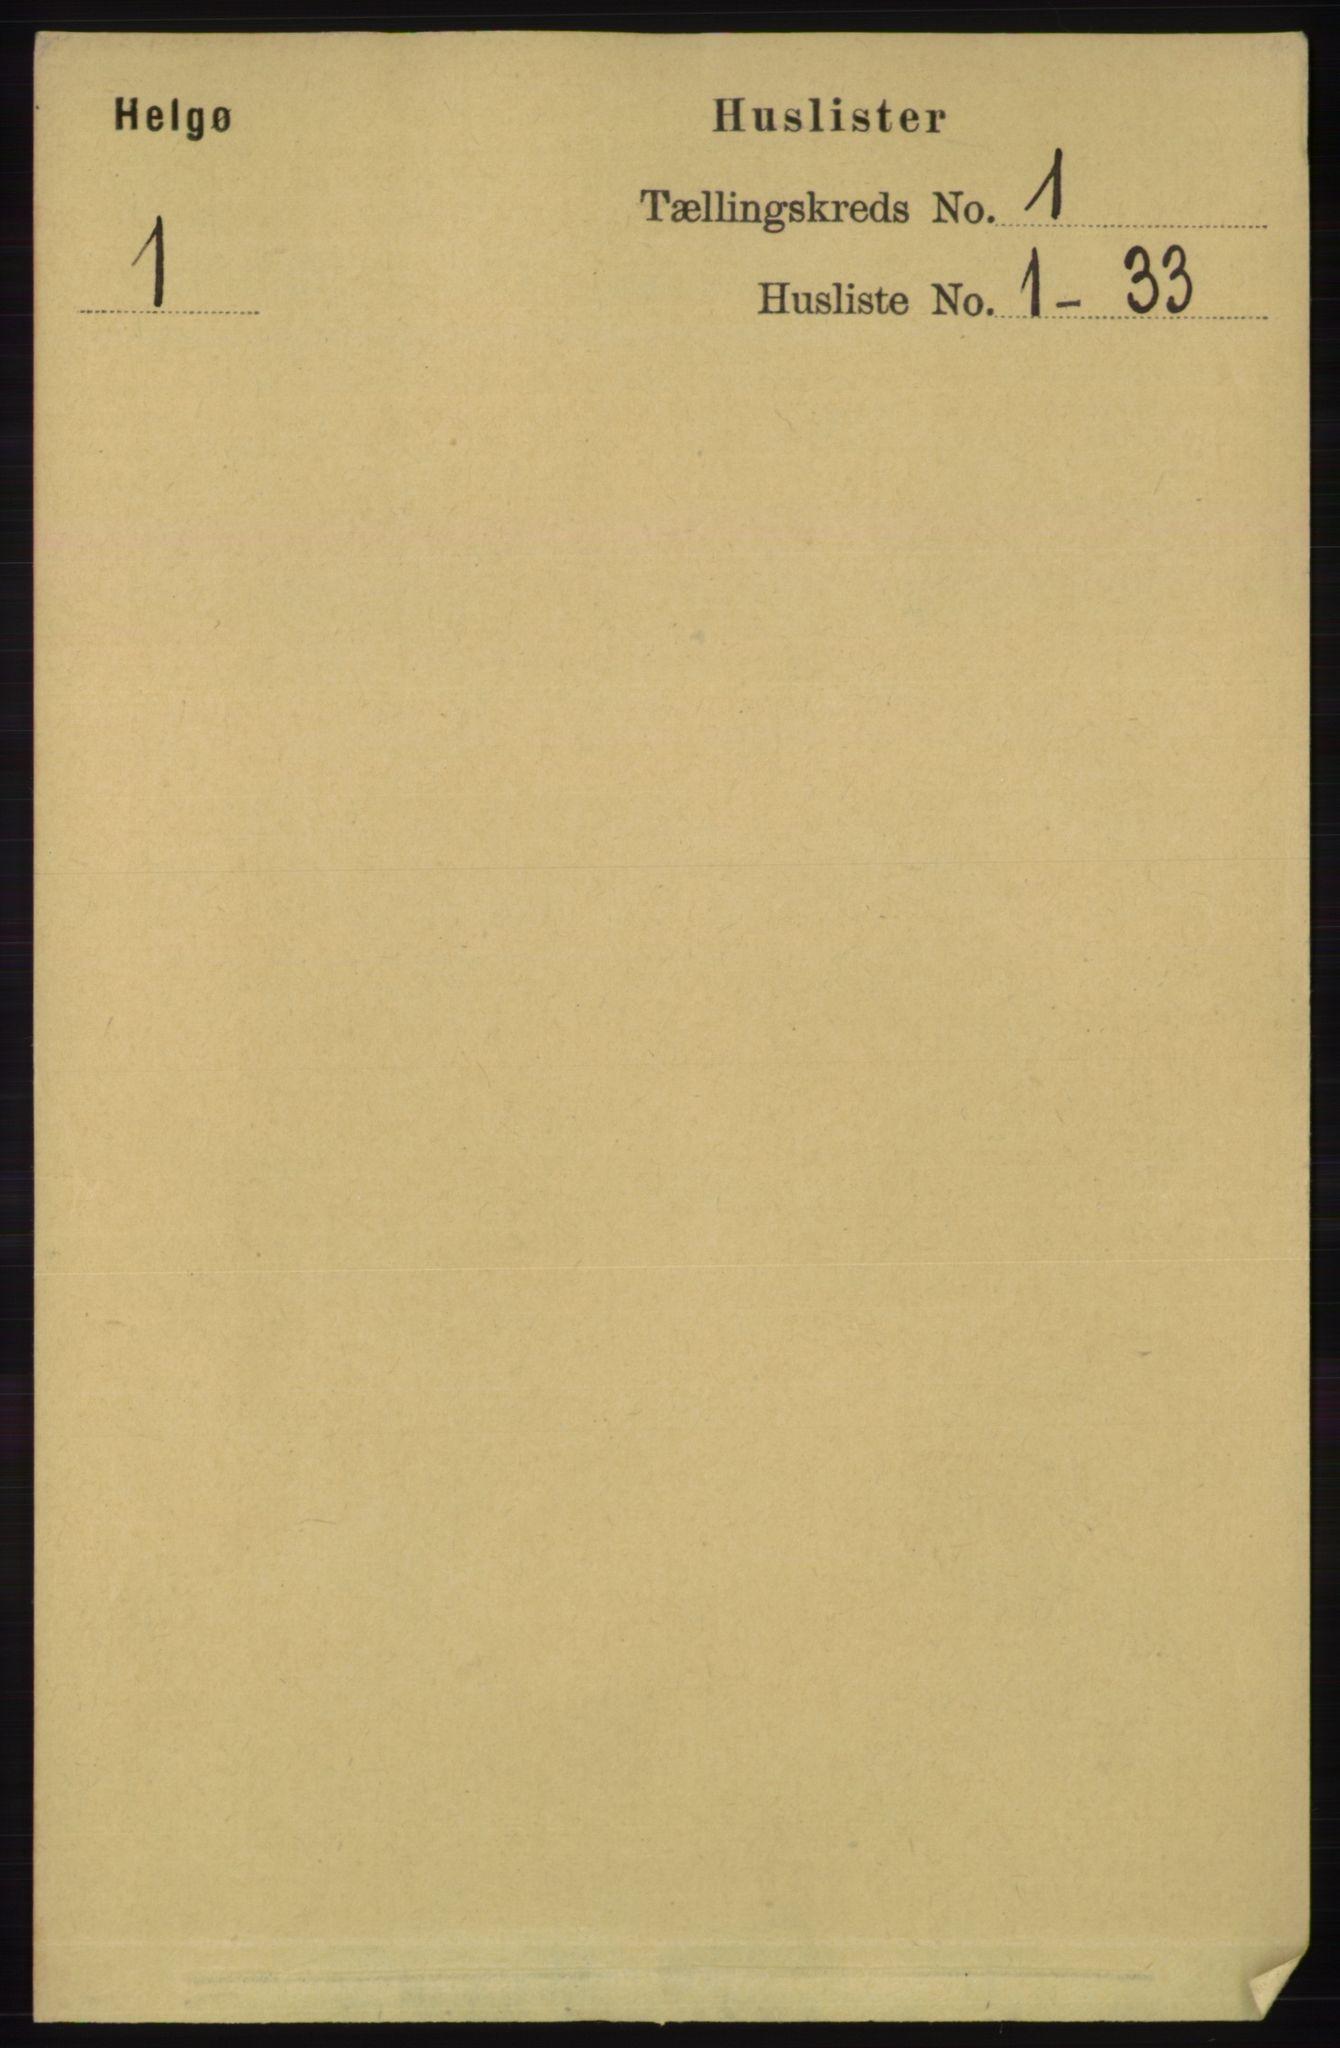 RA, Folketelling 1891 for 1935 Helgøy herred, 1891, s. 13